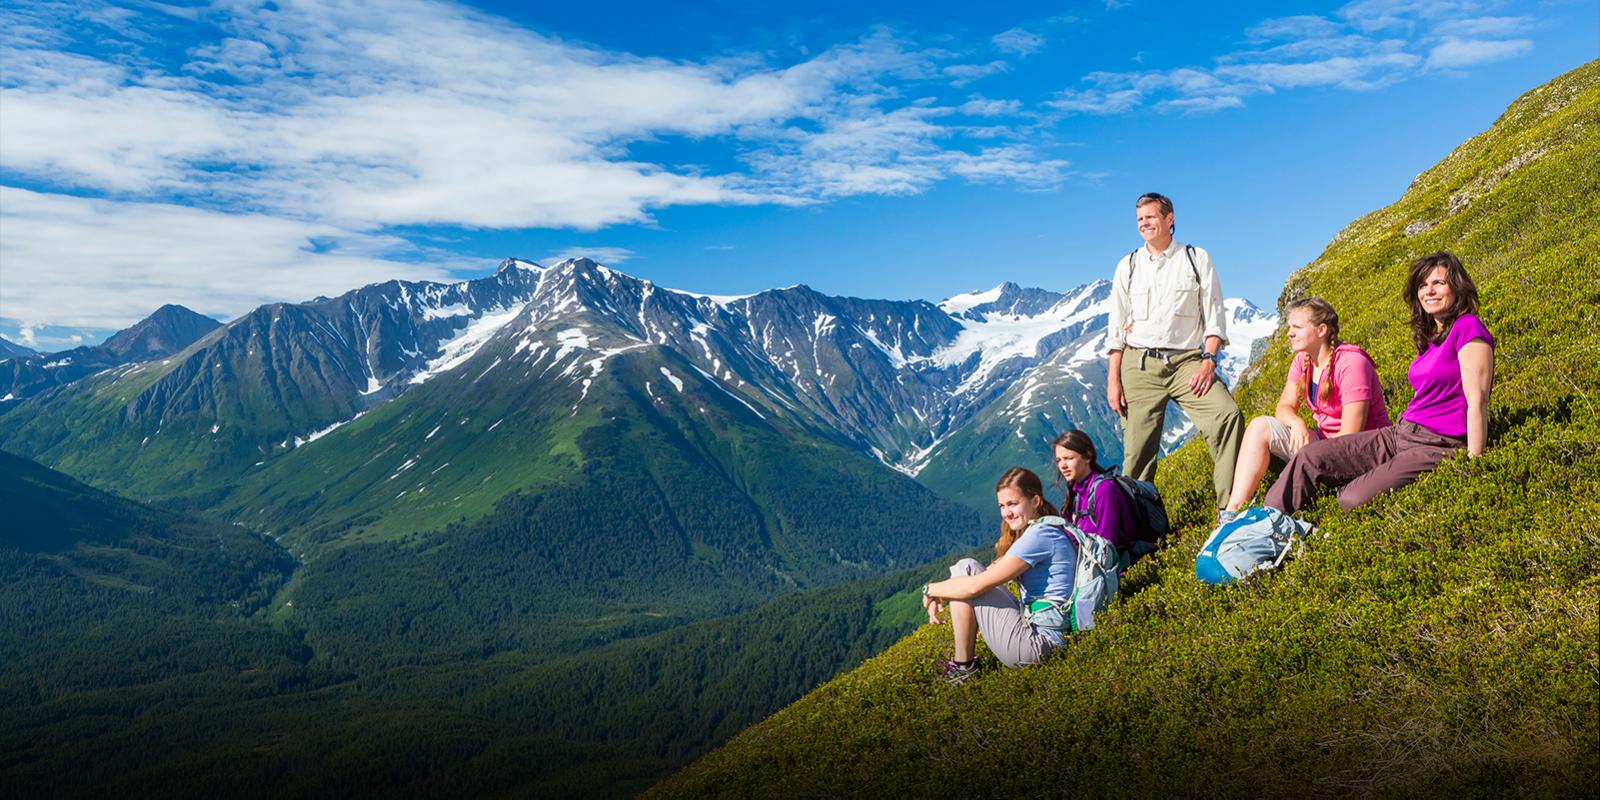 Alyeska Resort Hiking Family